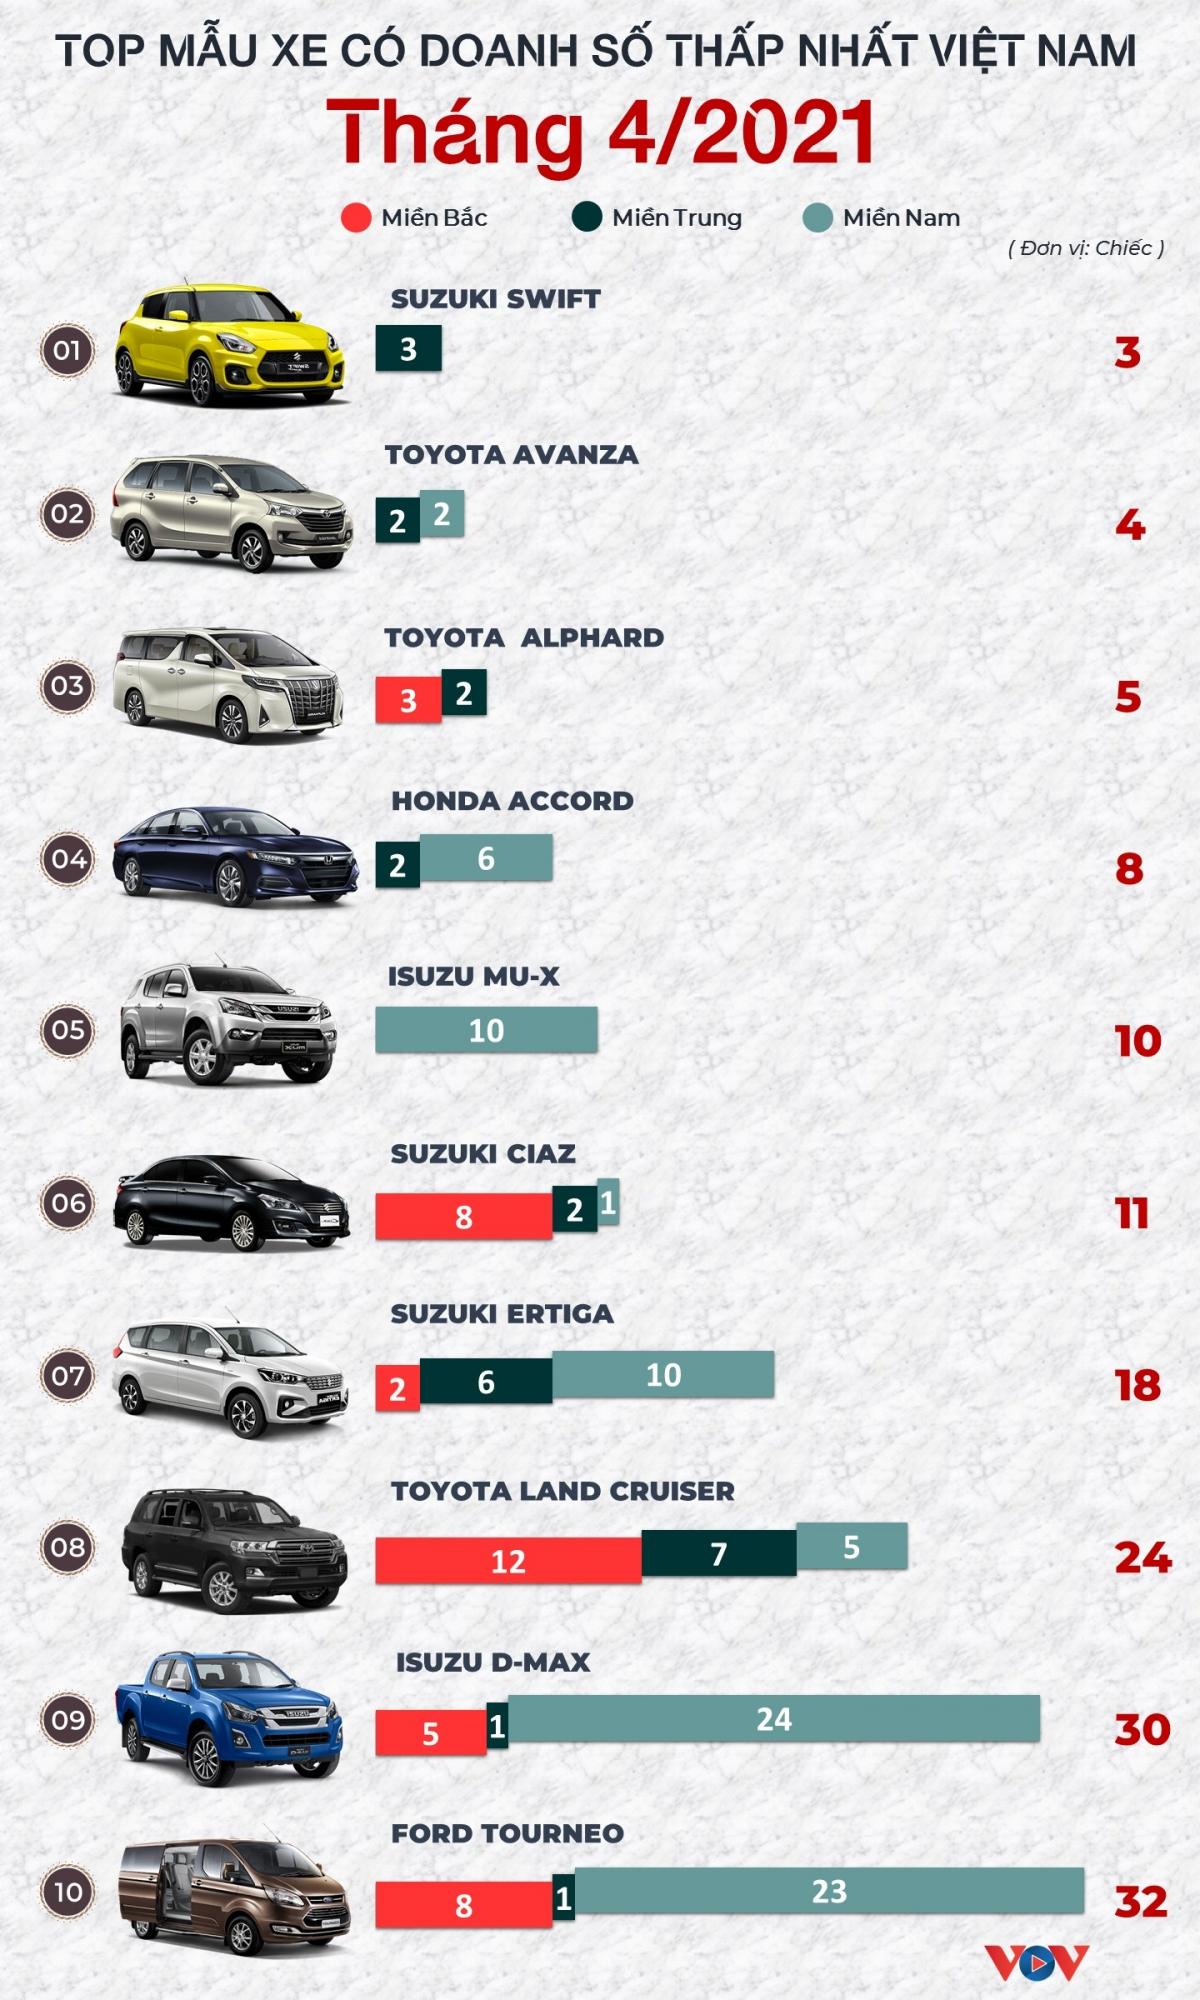 Số liệu từ Hiệp hội các nhà sản xuất ô tô Việt Nam (VAMA) và các hãng xe TC Motor, VinFast.